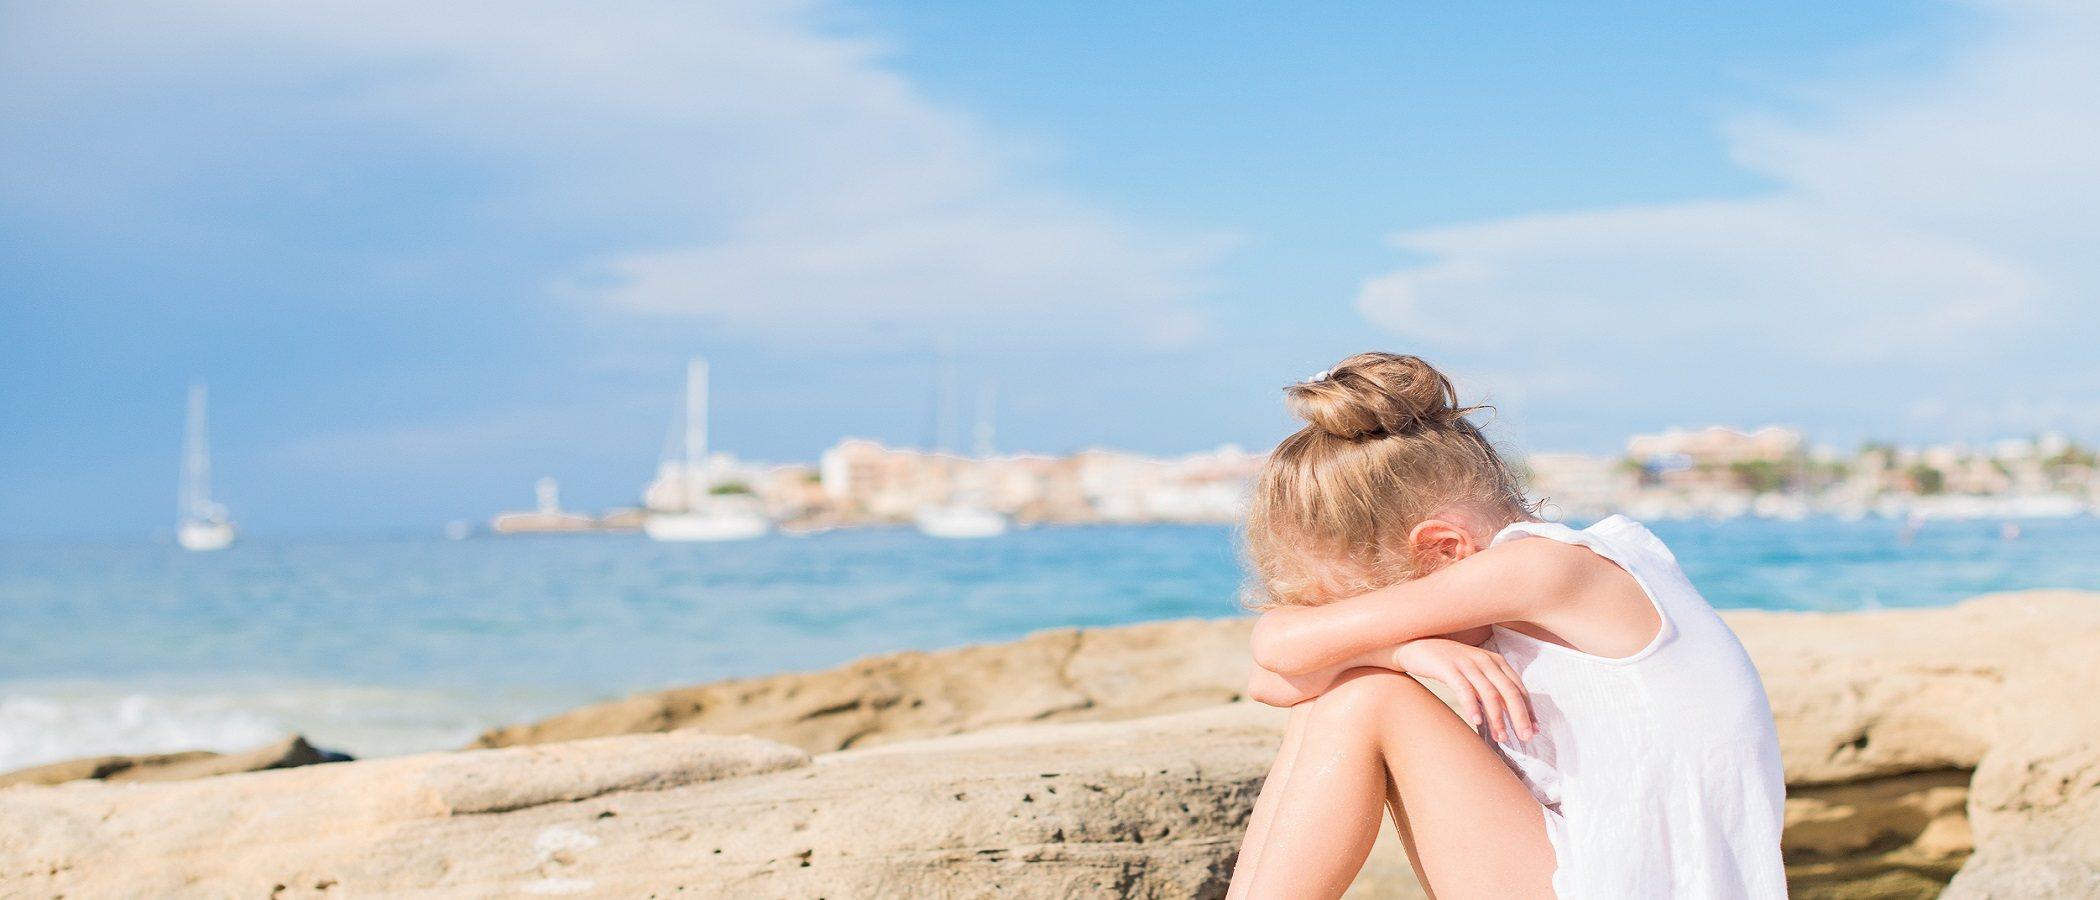 Consecuencias emocionales de la inestabilidad en el entorno infantil